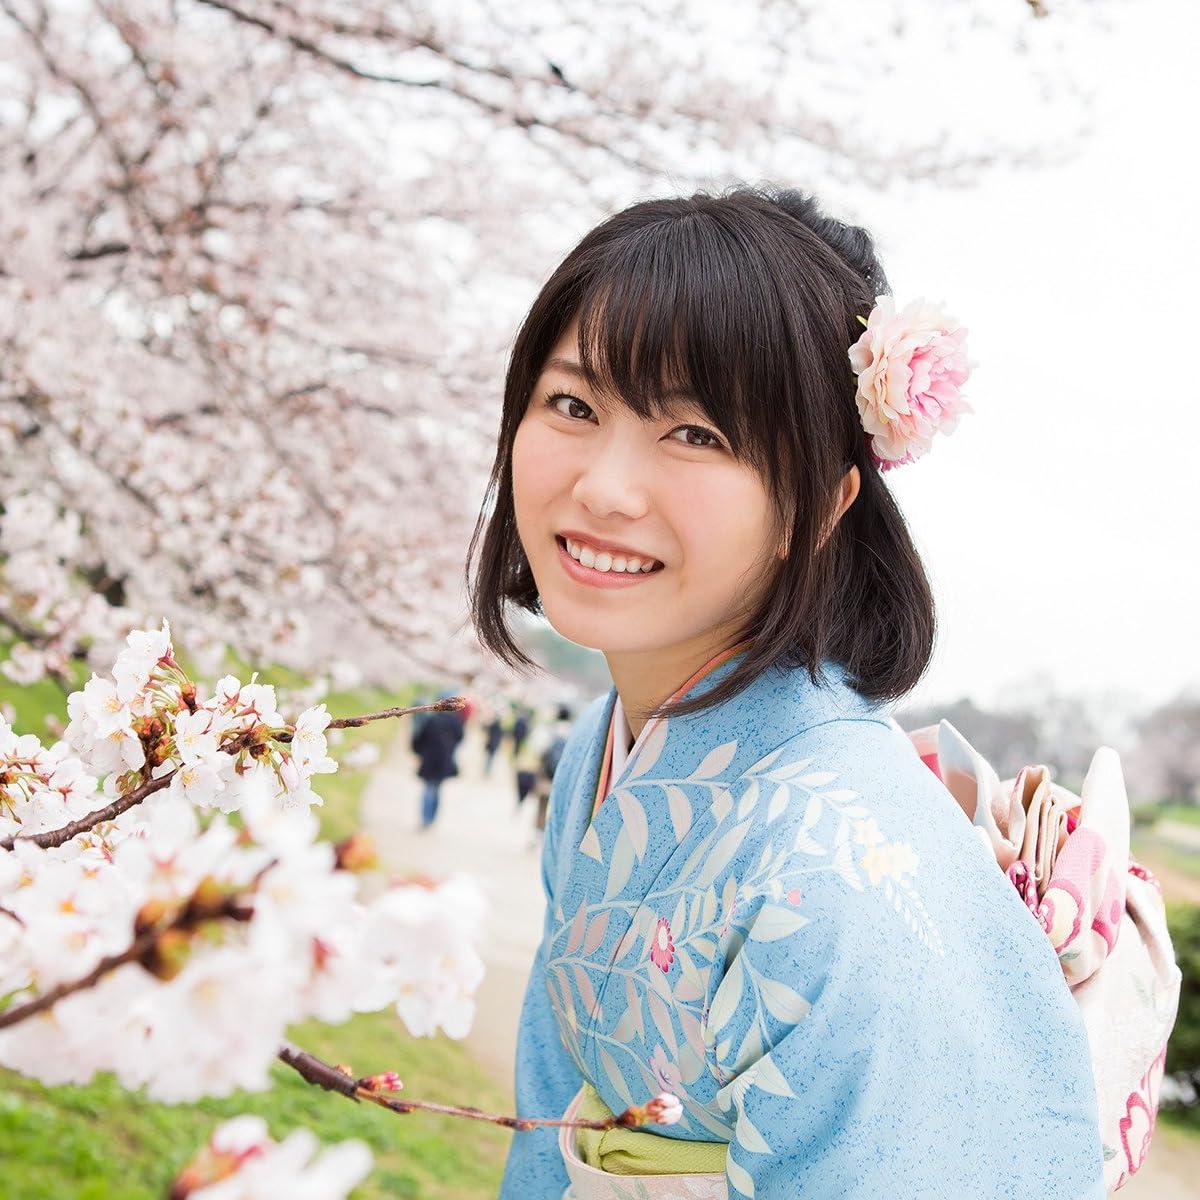 横山由依 Ipad壁紙 春の京都でレトロ散歩 女性タレント スマホ用画像146740